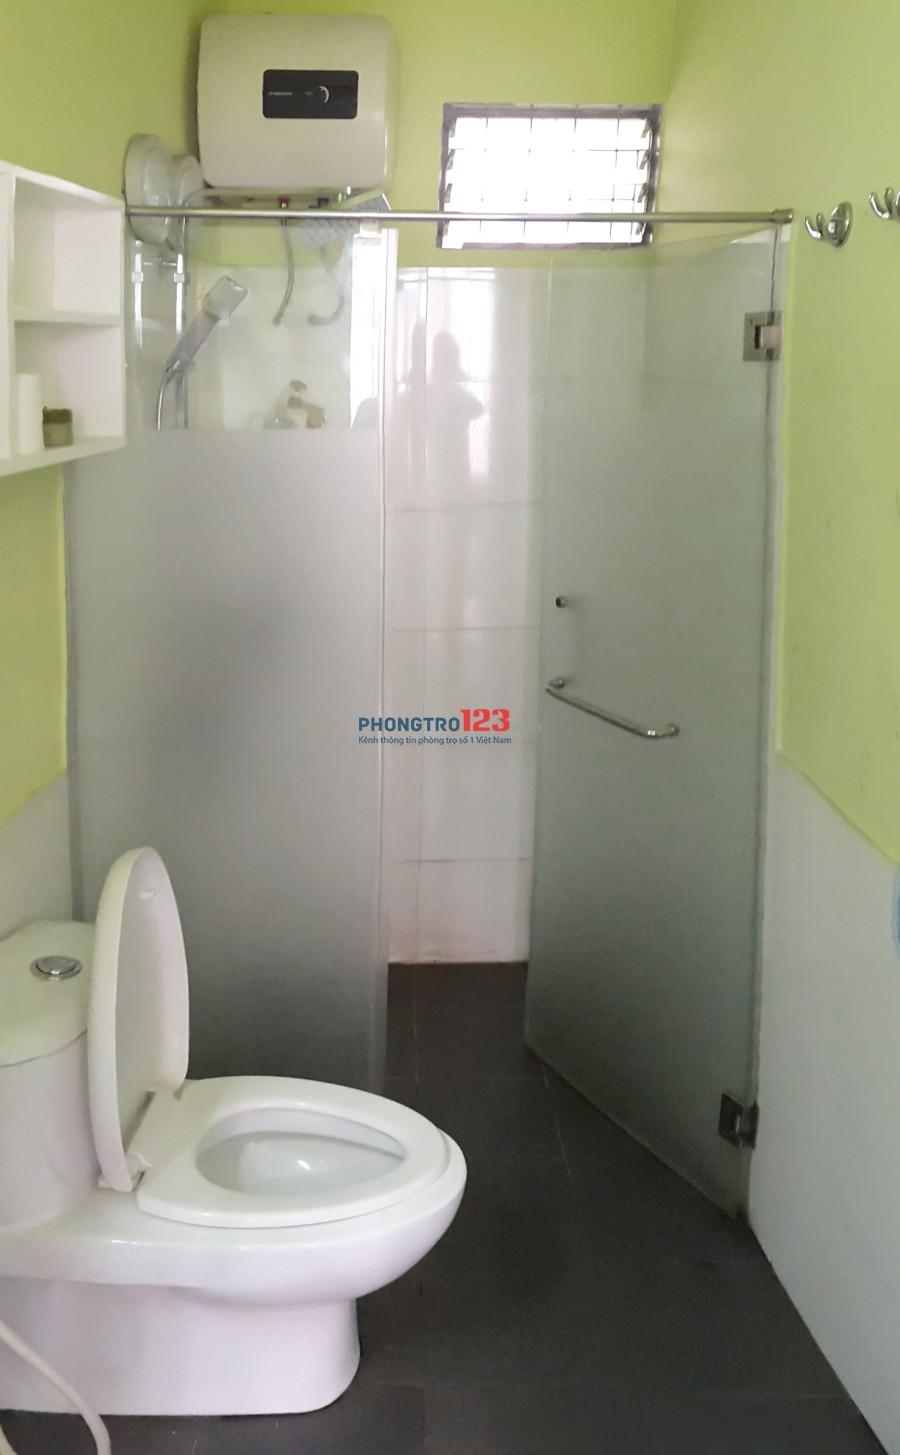 Cho thuê phòng Q.4, nội thất cao cấp, rộng 36 m2, gần ĐH Luật, khu vực an ninh, hẽm xe hơi, vào ở ngay